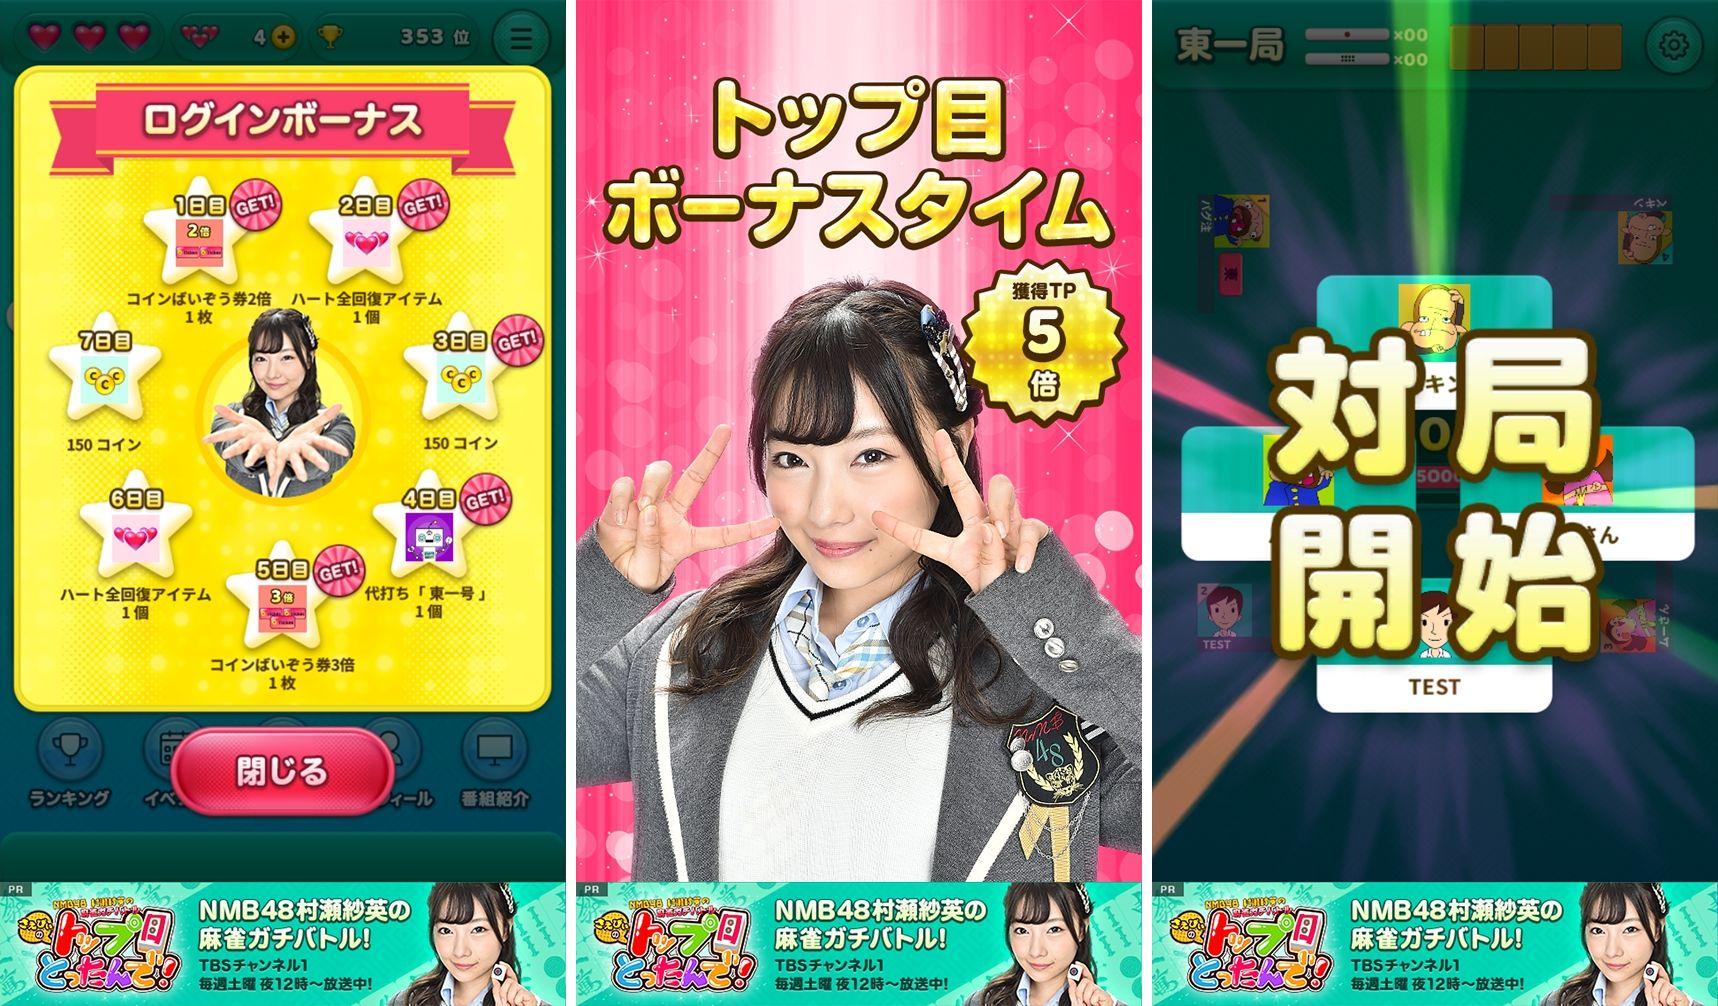 新作麻雀ゲーム『麻雀 さえぴぃのトップ目とったんで!』がリリース!